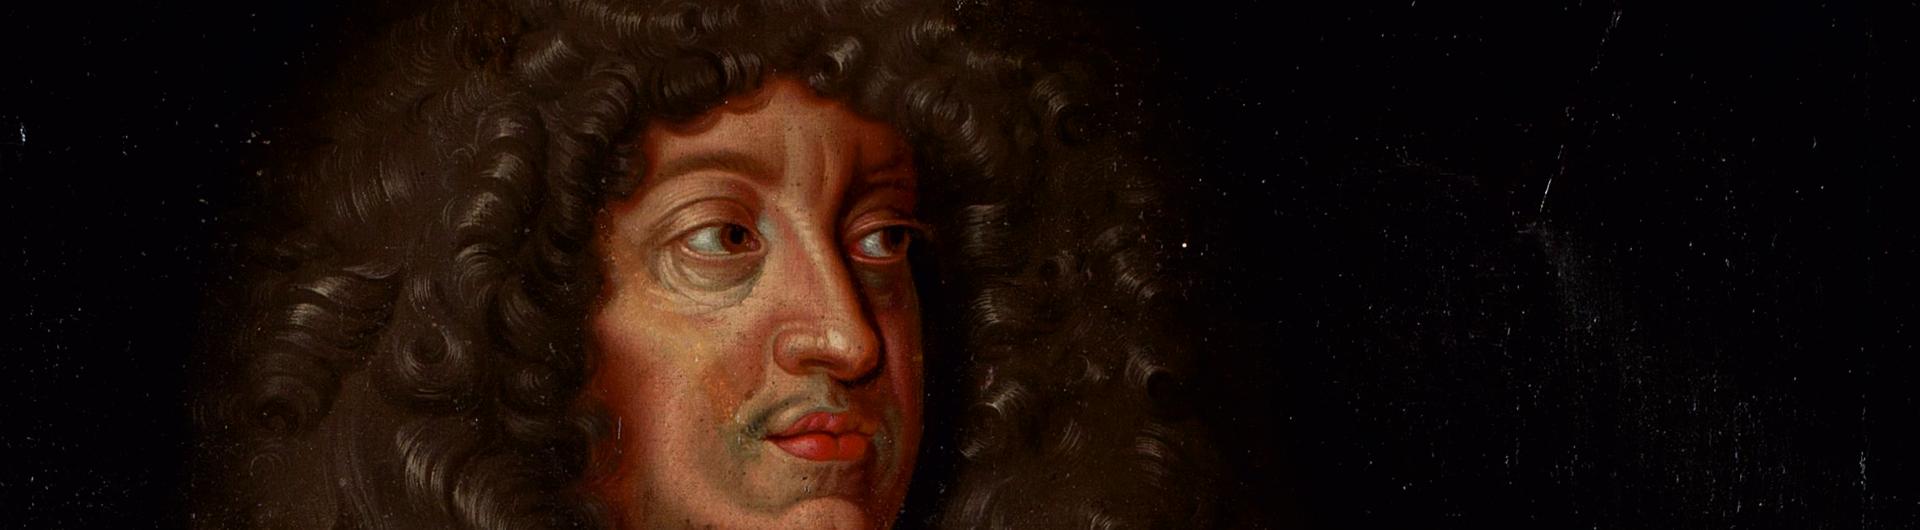 Georg Wilhelm von Braunschweig-Lüneburg